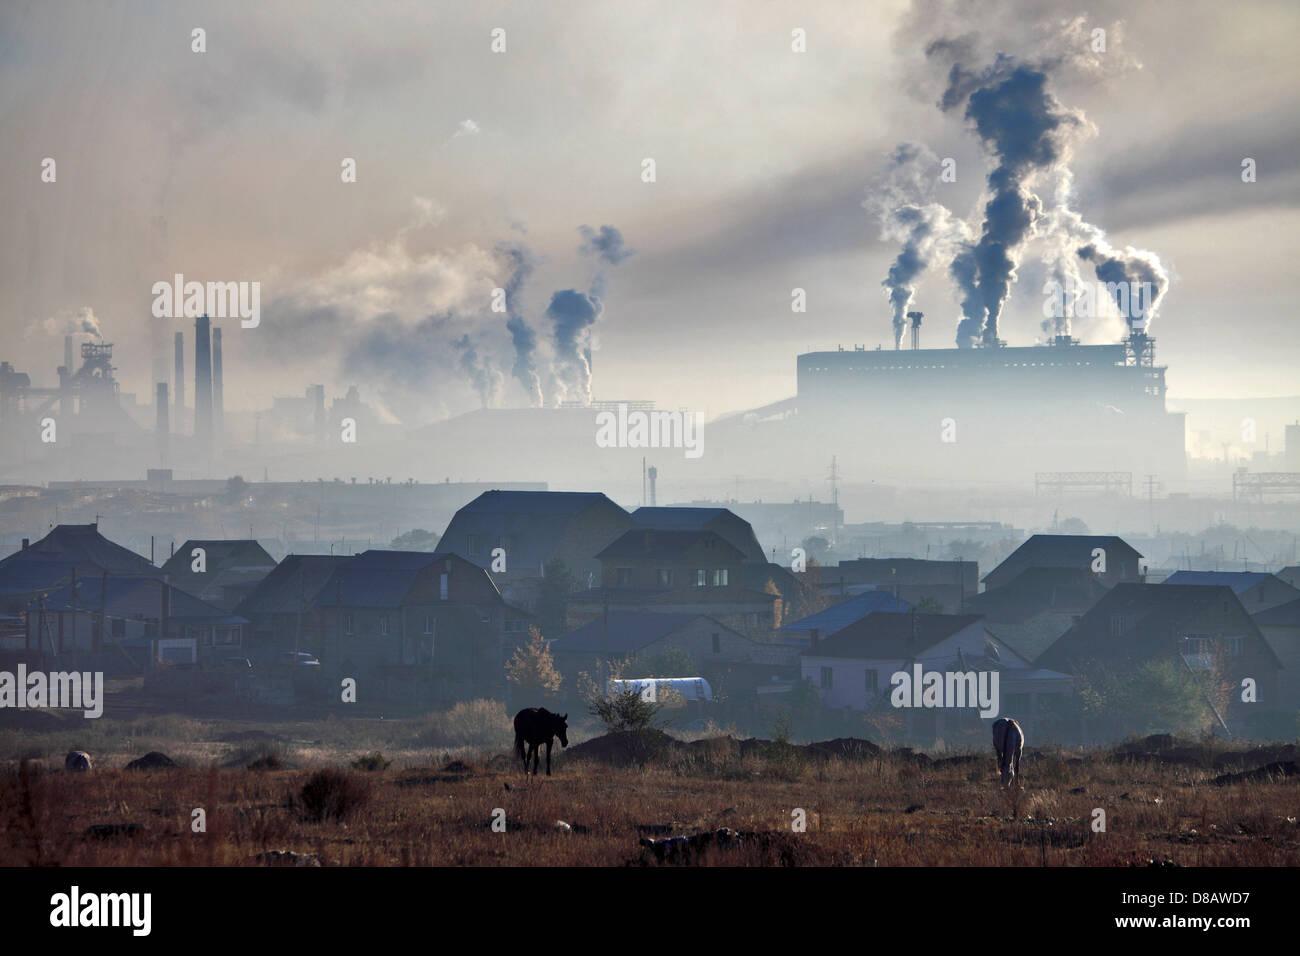 Karaganda - contaminación del aire por obras de acero ( Arselor Mittal Temirtau ) Imagen De Stock